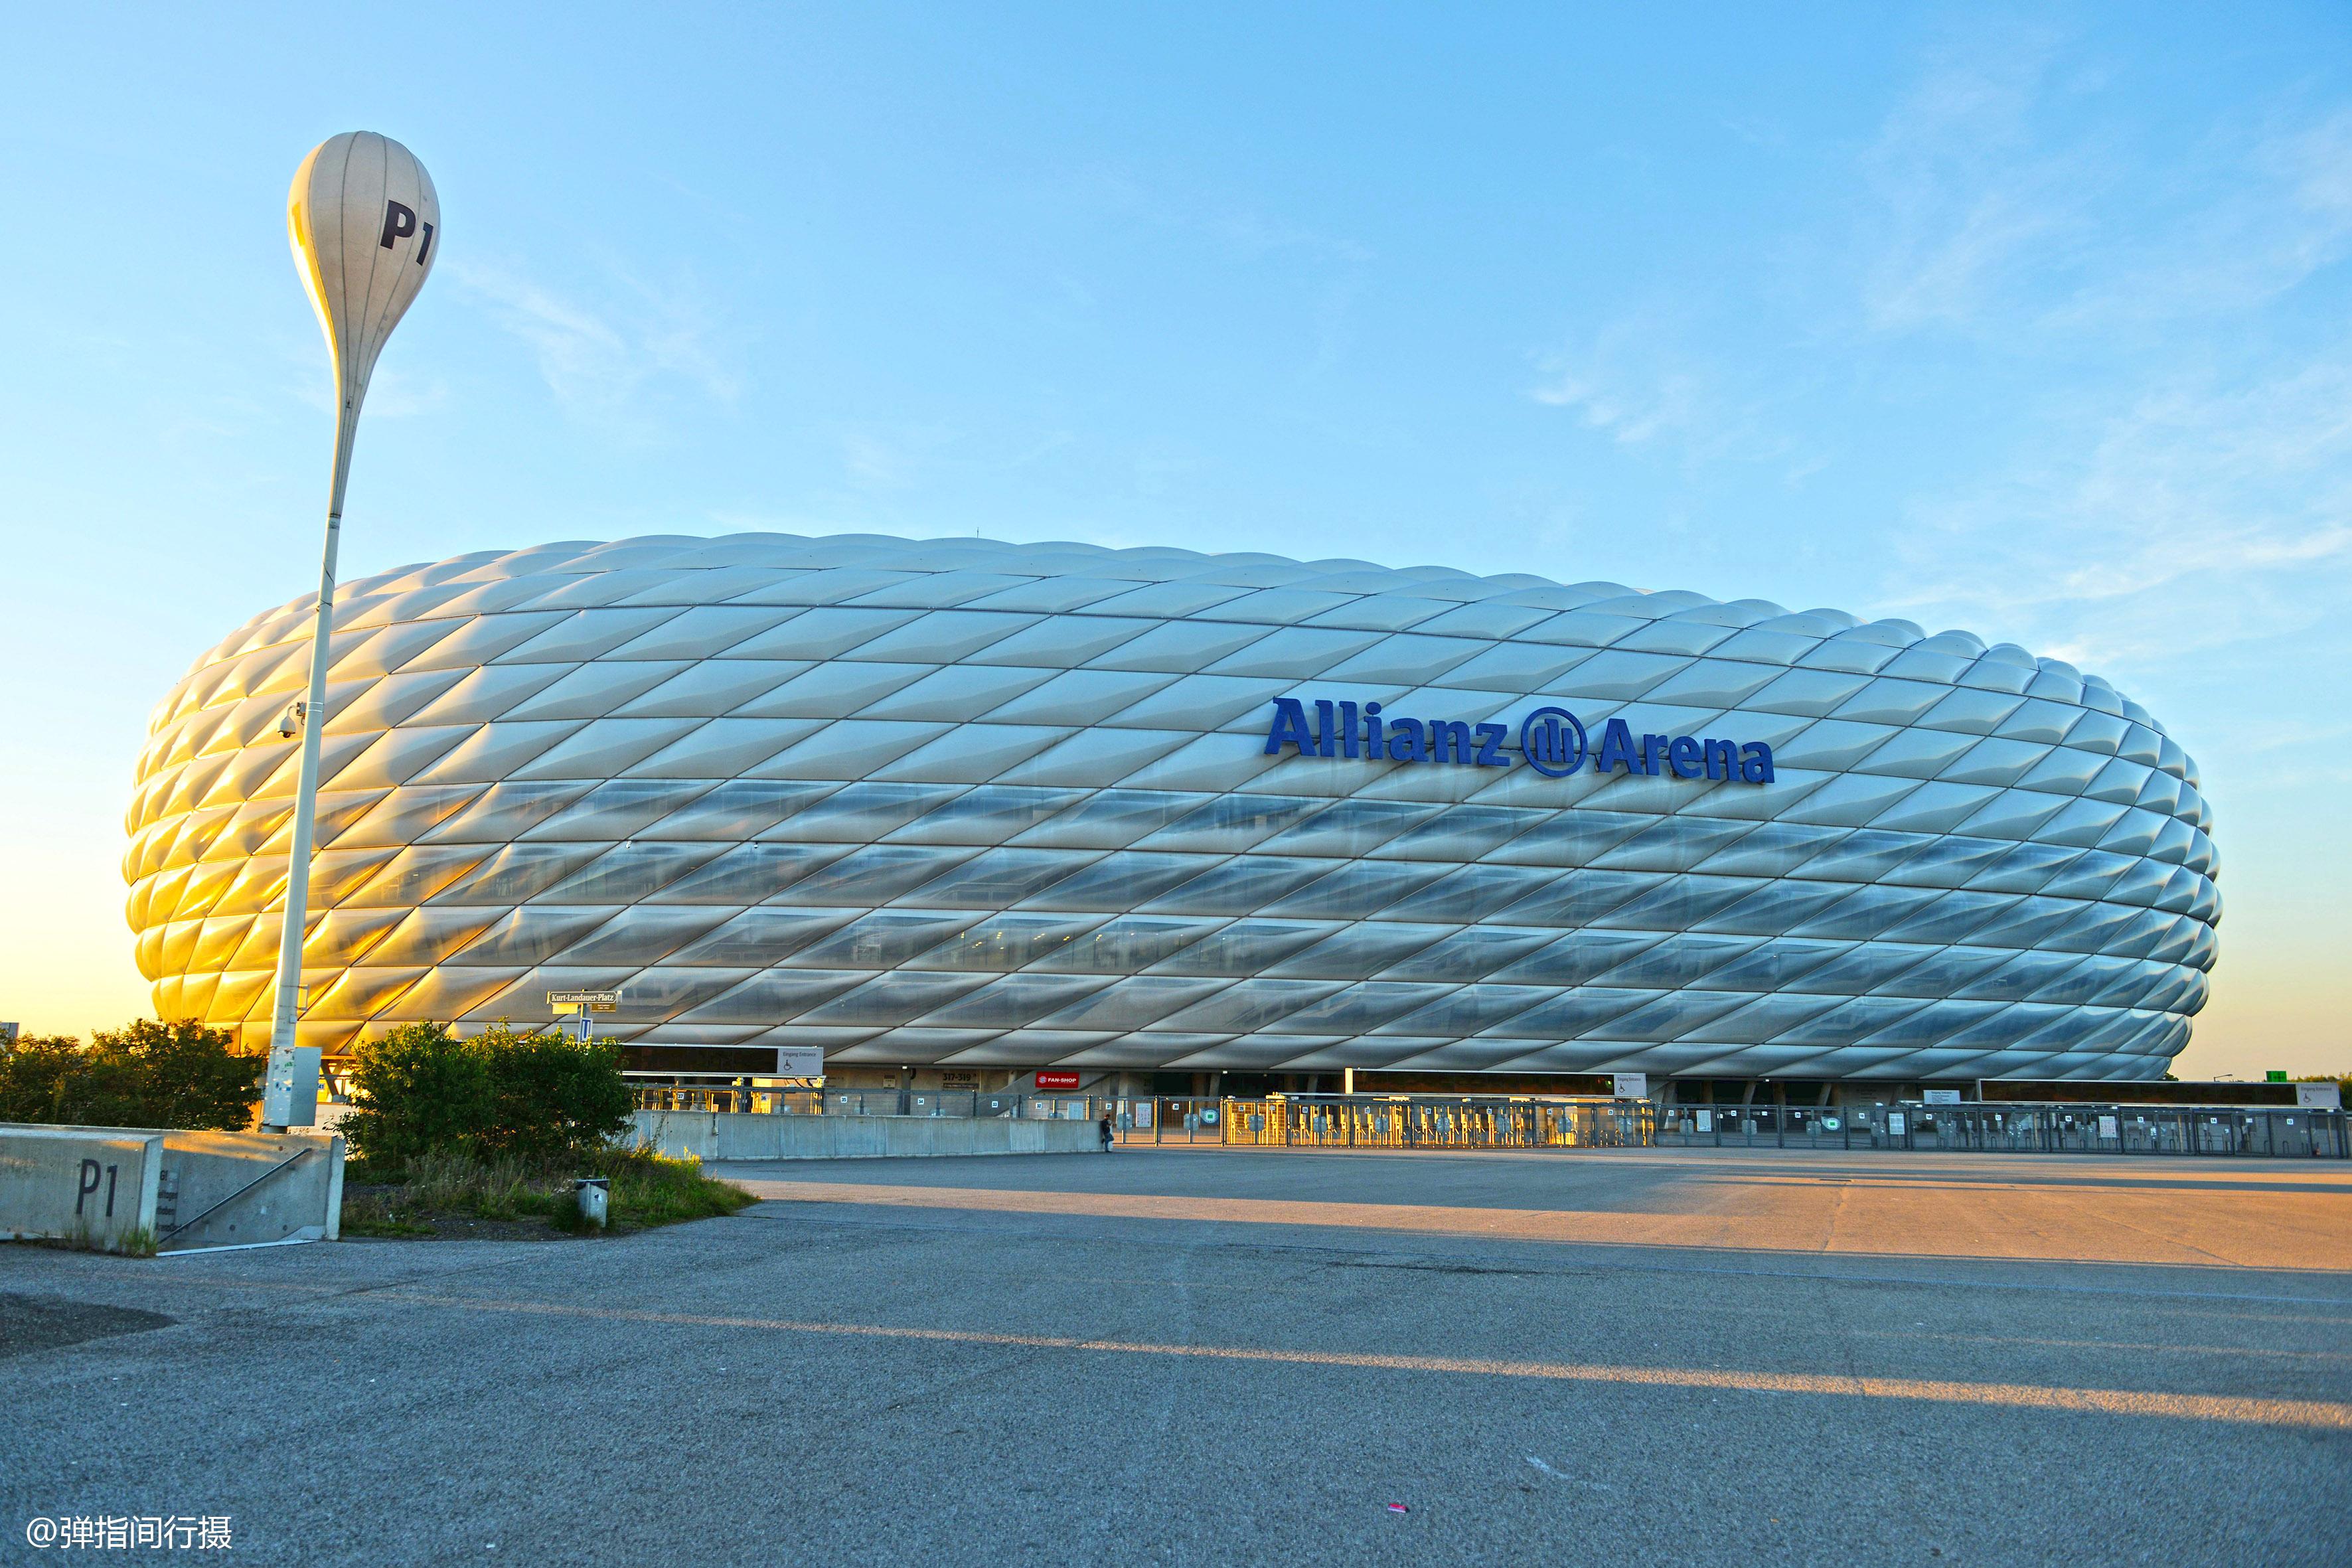 """德国""""最火""""的足球场,建设耗资3.4亿欧元,是拜仁慕尼黑的主场_德国新闻_德国中文网"""